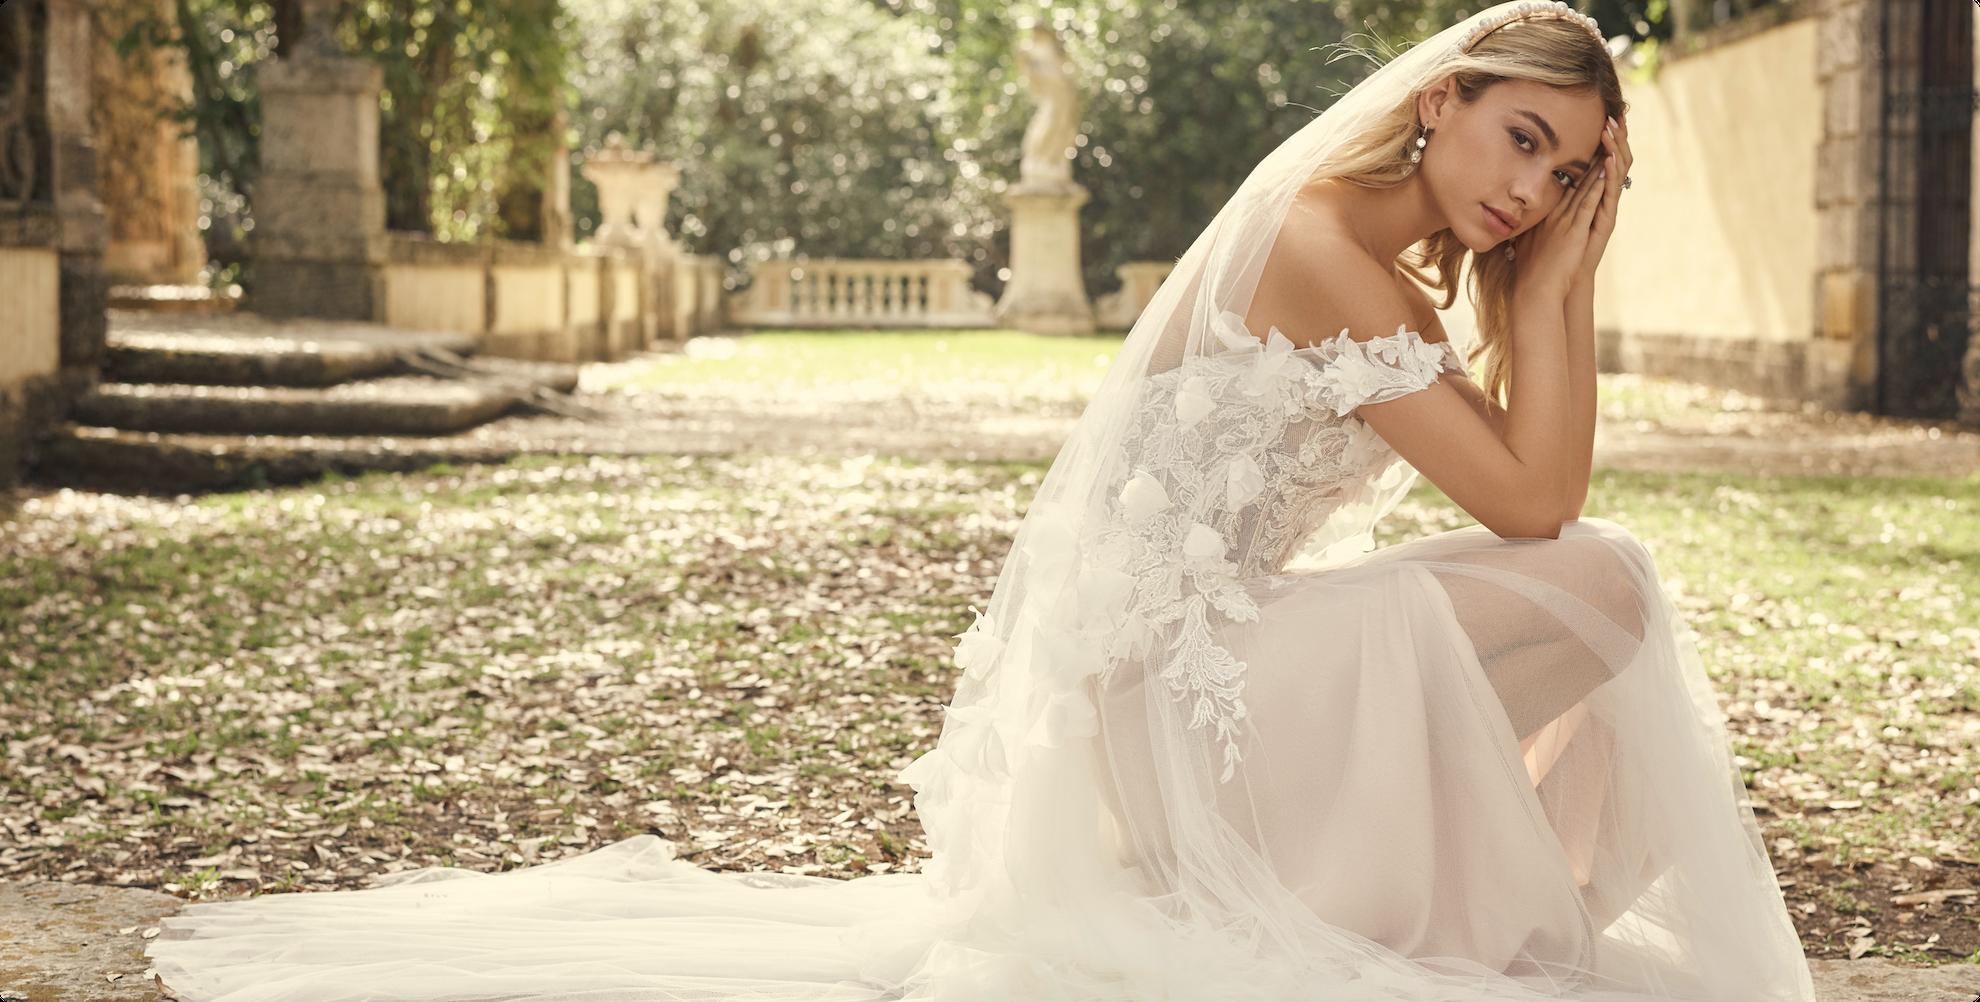 Mirra Wedding dress by Maggie Sottero